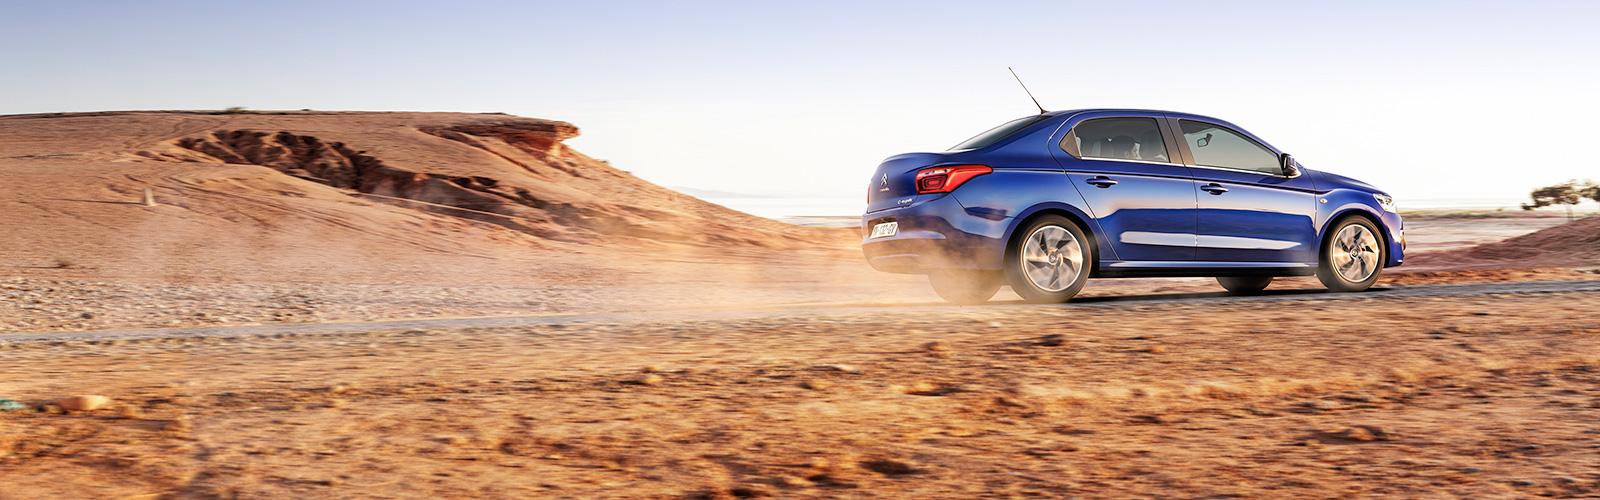 La conducción del C-Elysée destaca por ser confortable, cómoda y fácil.